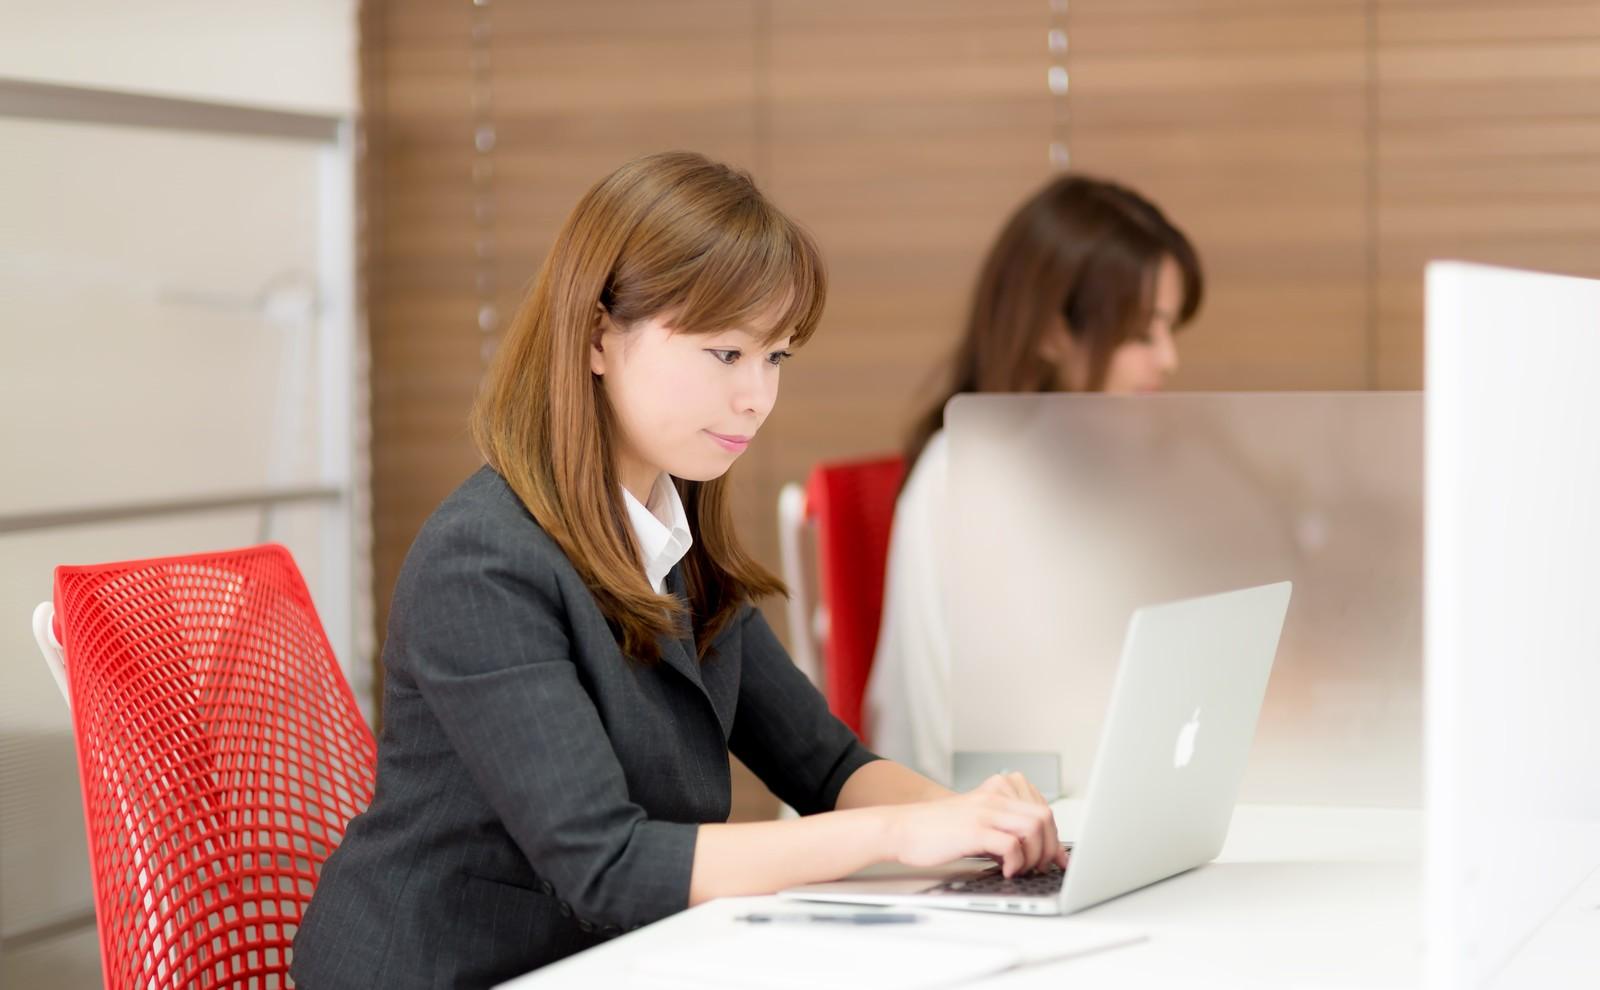 転職後に活躍できる人、活躍できない人の特徴。転職後もうまく過ごす為にはどうすればいい?